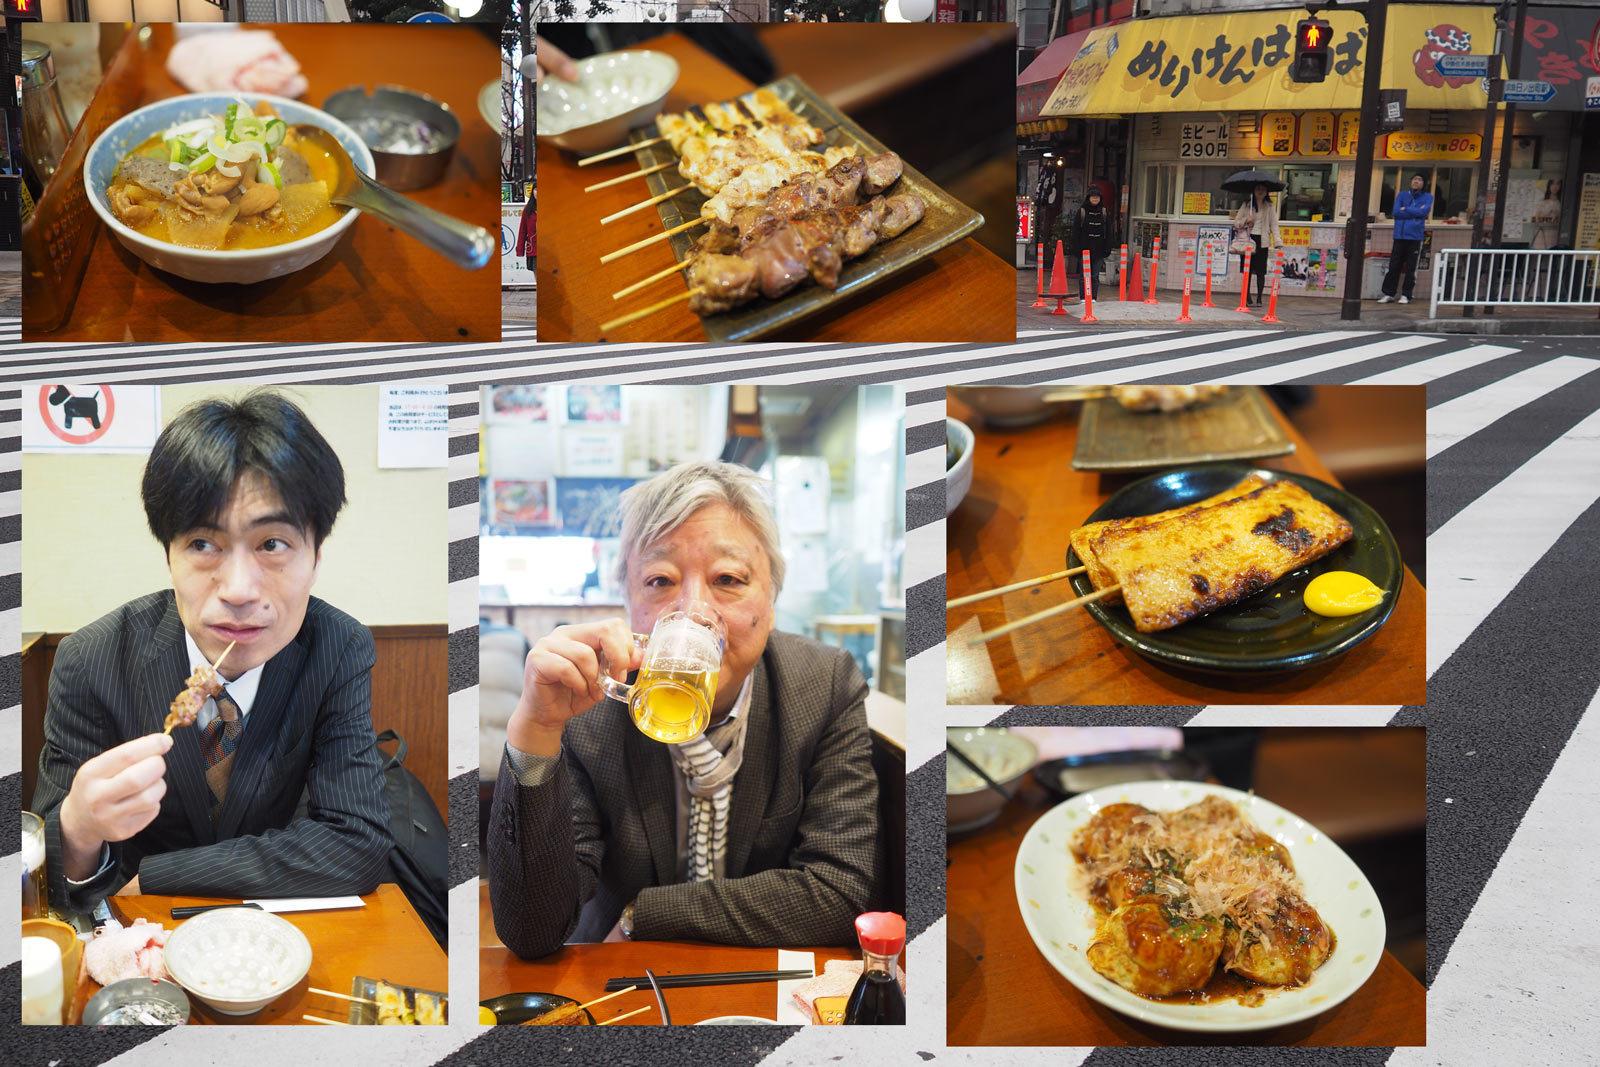 横濱、楽しみにしていたのに雨でね〜_a0271402_08193036.jpg